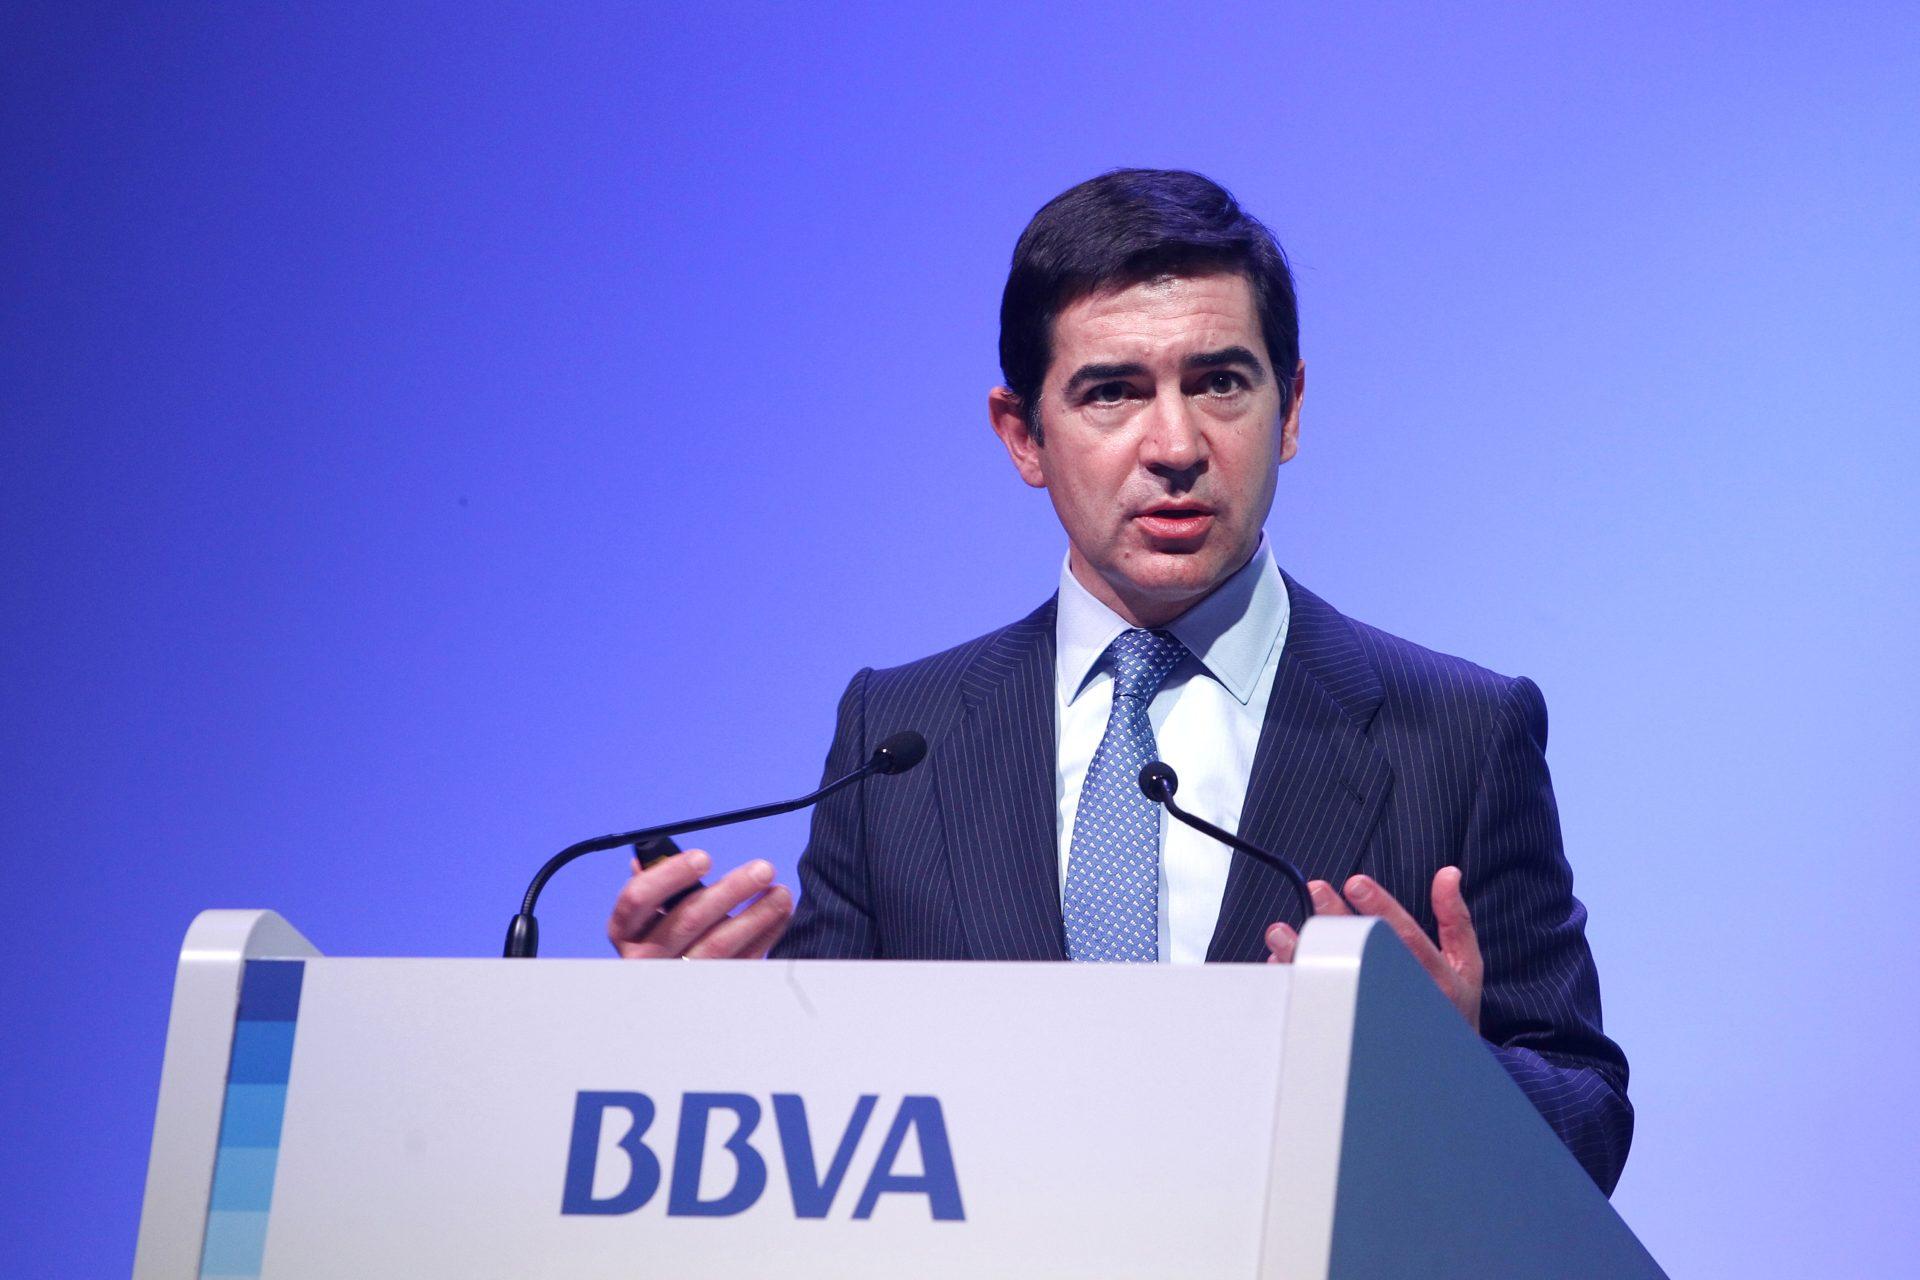 Fotografía de Carlos Torres Consejero Delegado de BBVA Resultados